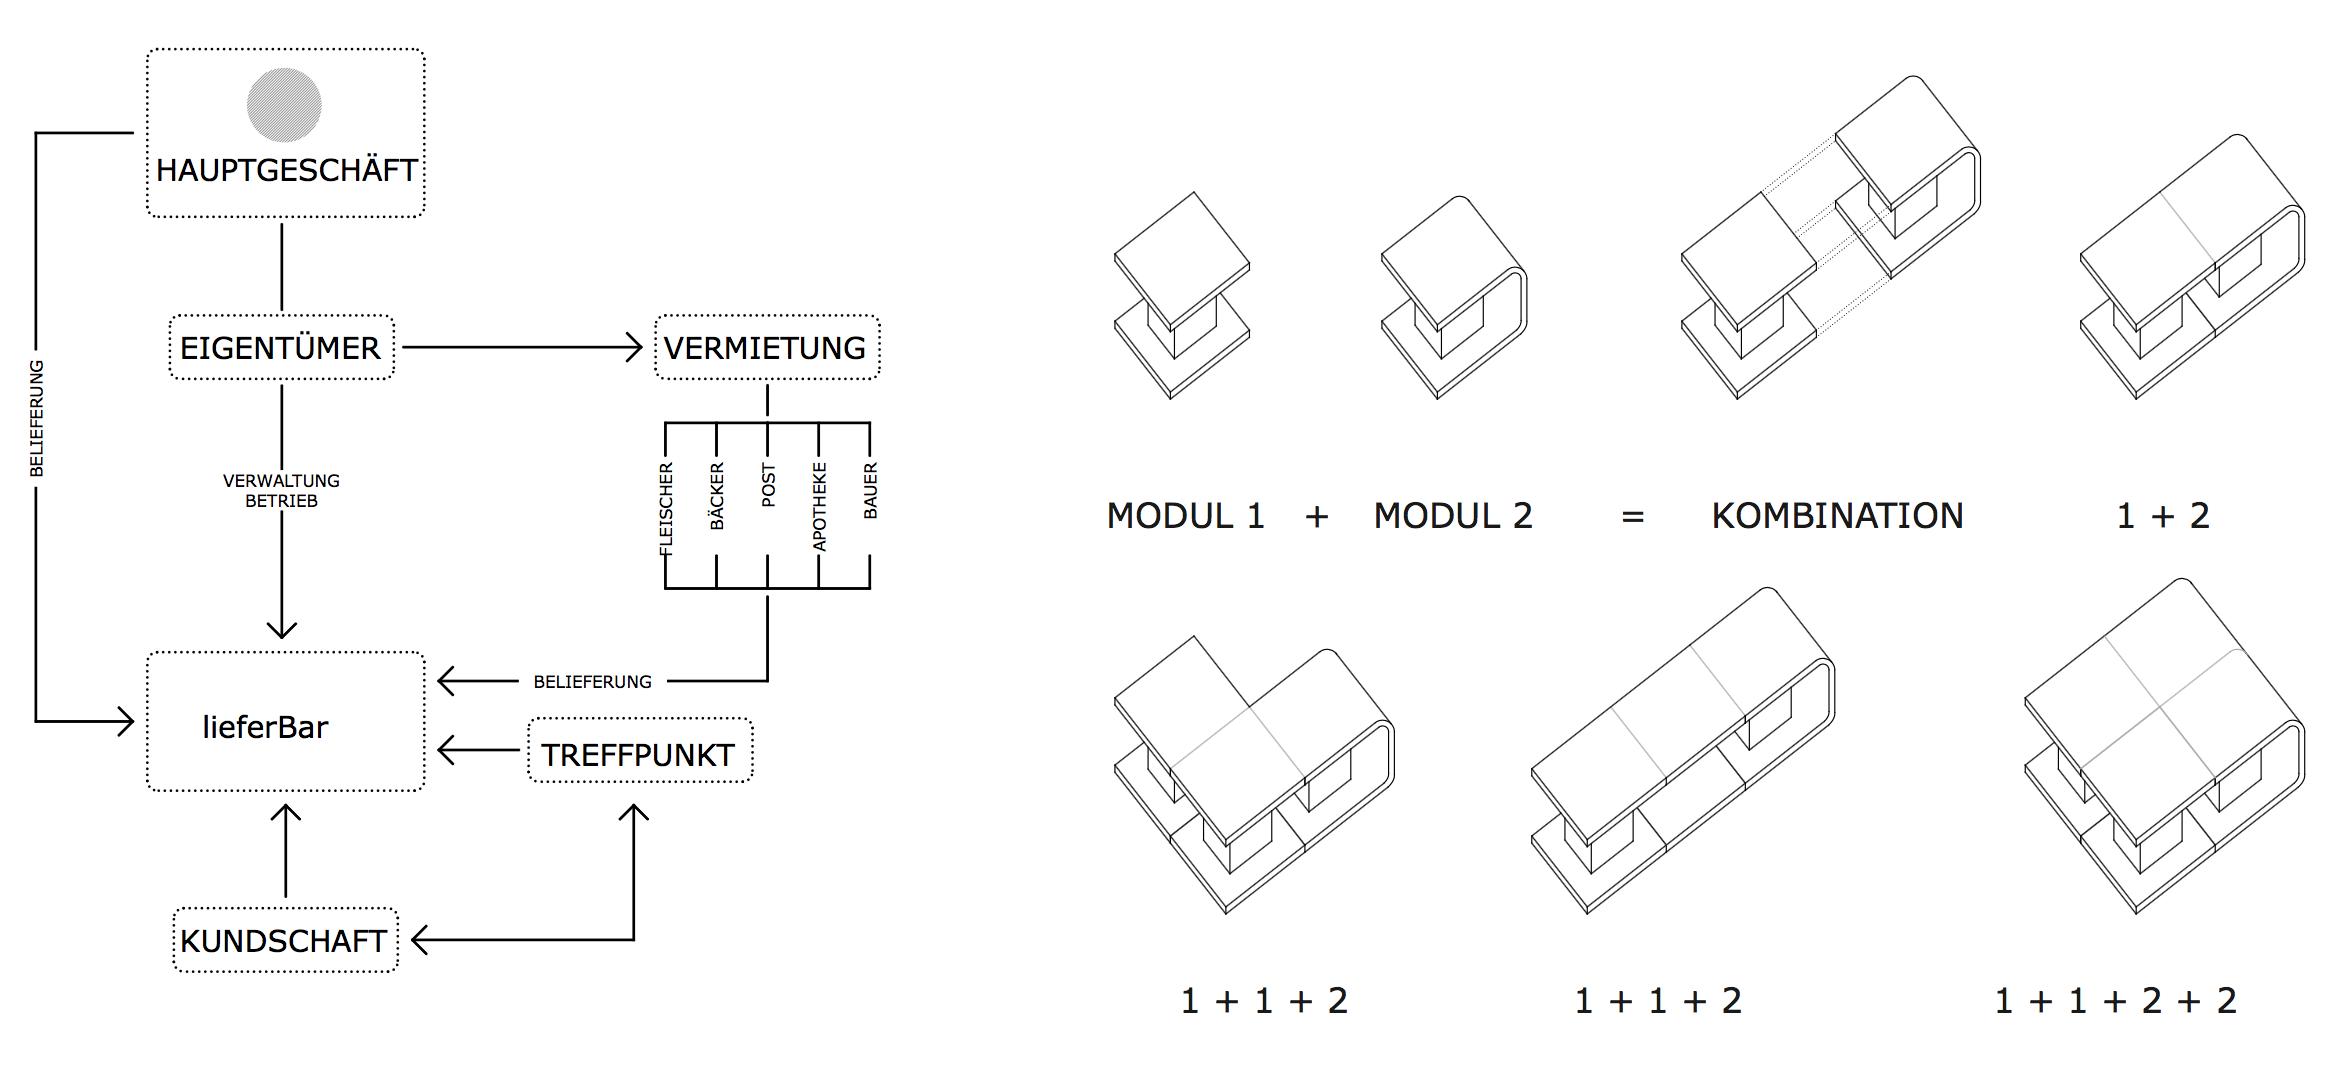 Konzept und Module zur lieferBar zur Nahversorgung im laendlichen Raum in Wymeer